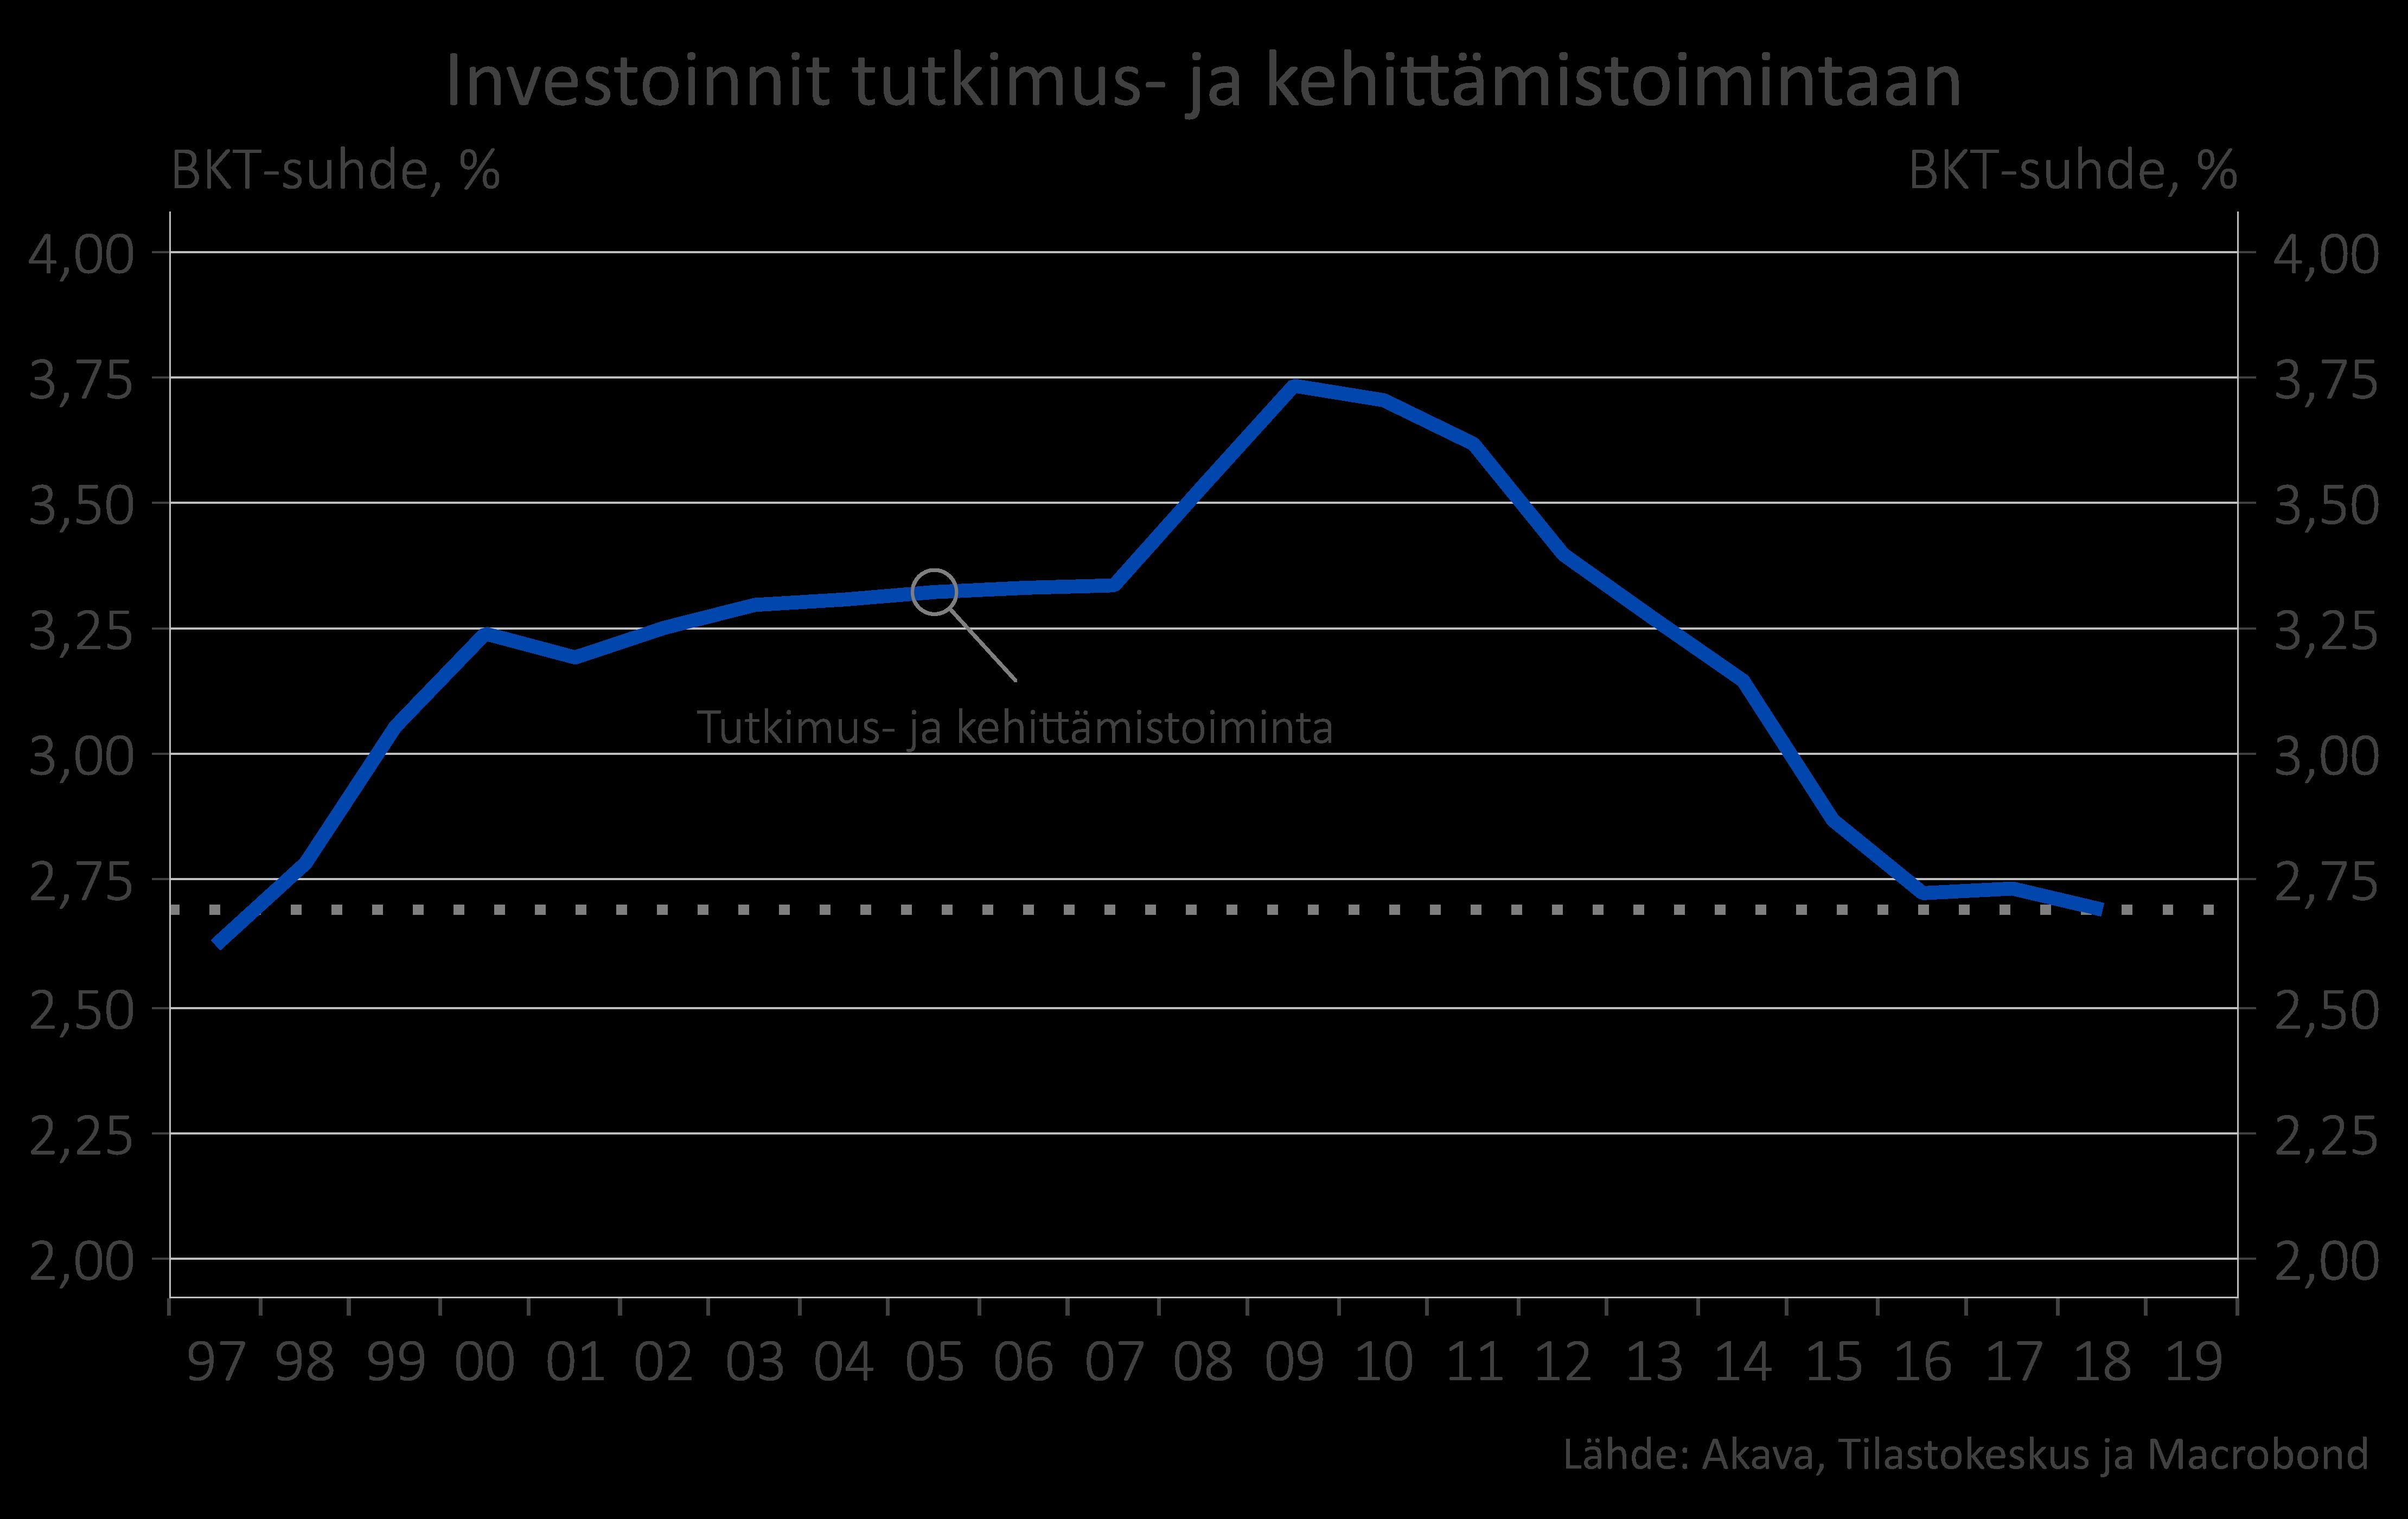 Investoinnit TKI-toimintaan 97-17